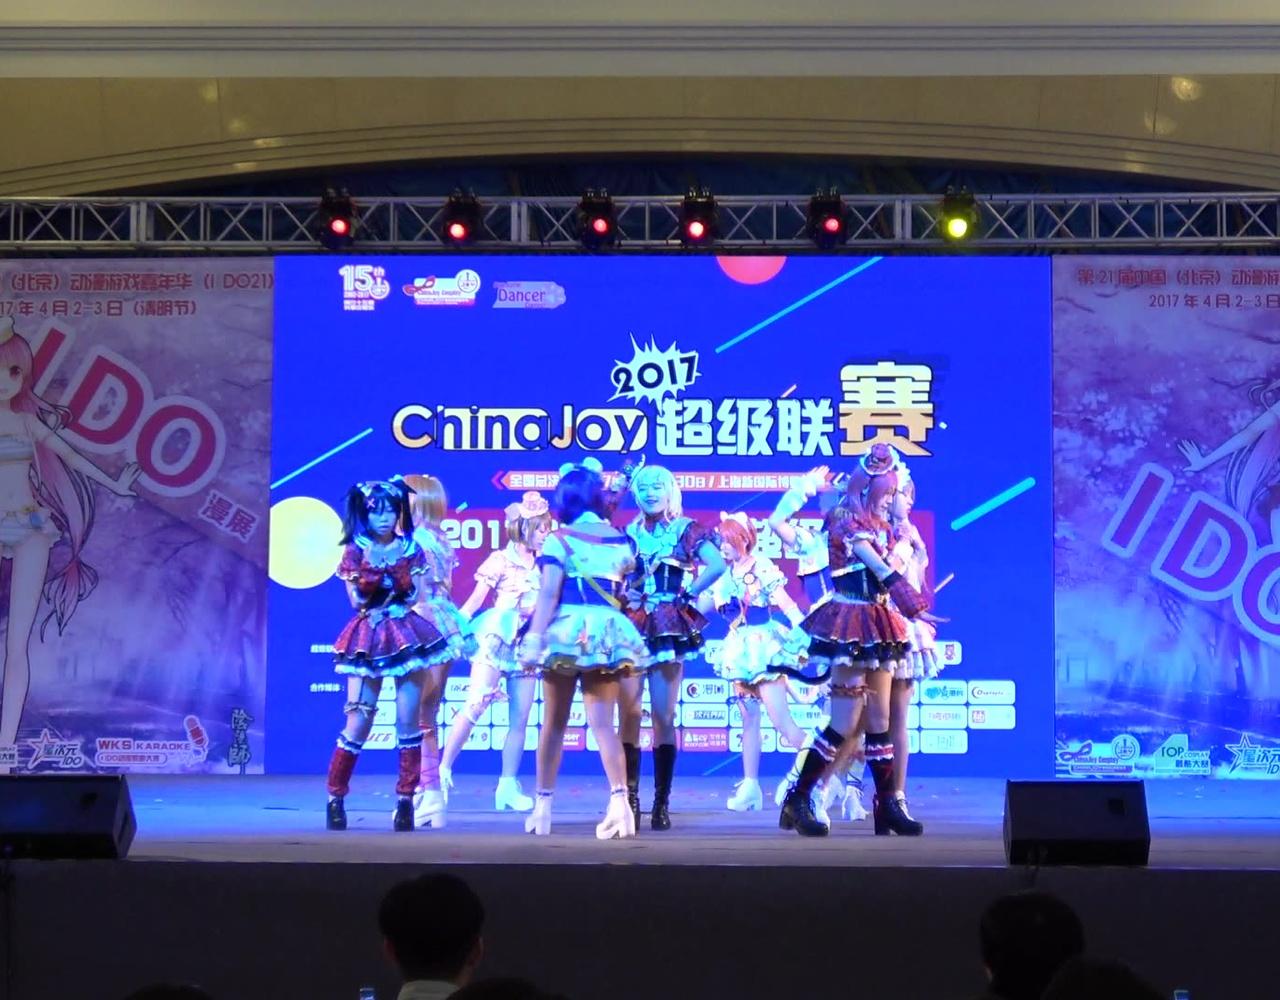 【月下c-hi宅舞团】2017ChinaJoy超级联赛北京赛区(IDO21)